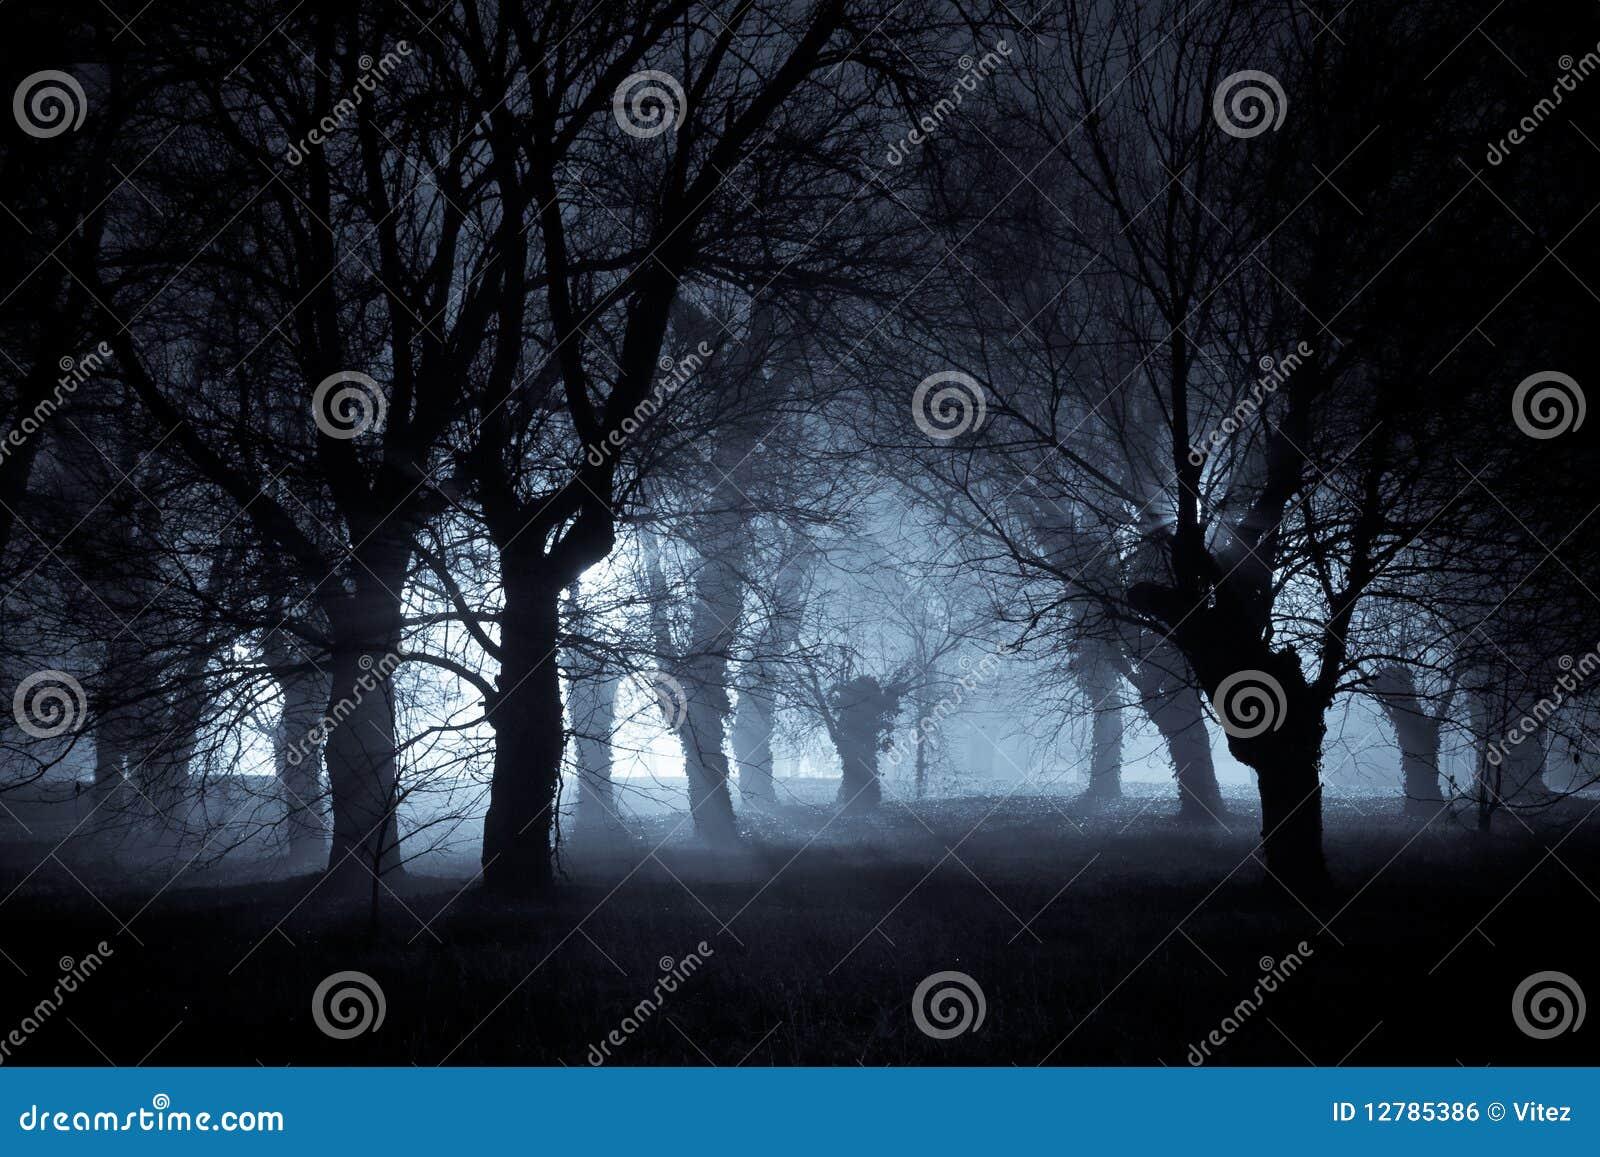 Nuit fantasmagorique